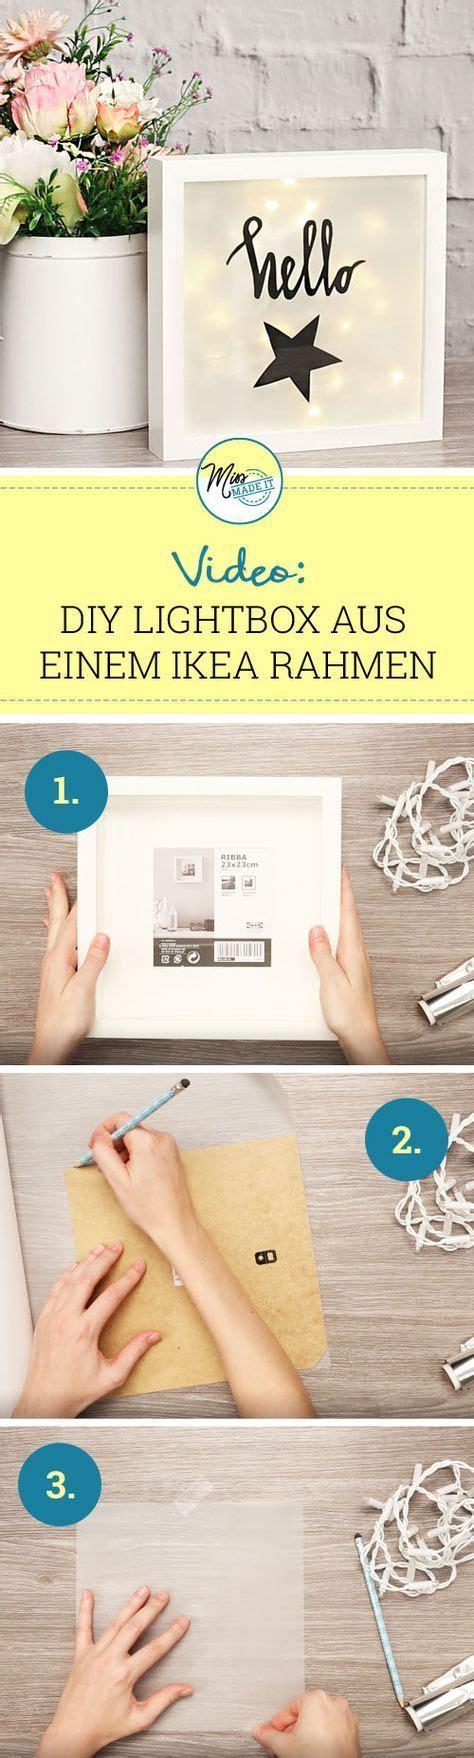 Bilderrahmen Wie Ribba by Ikea Bilderrahmen Vom Ikea Ribba Rahmen Zur Angesagten